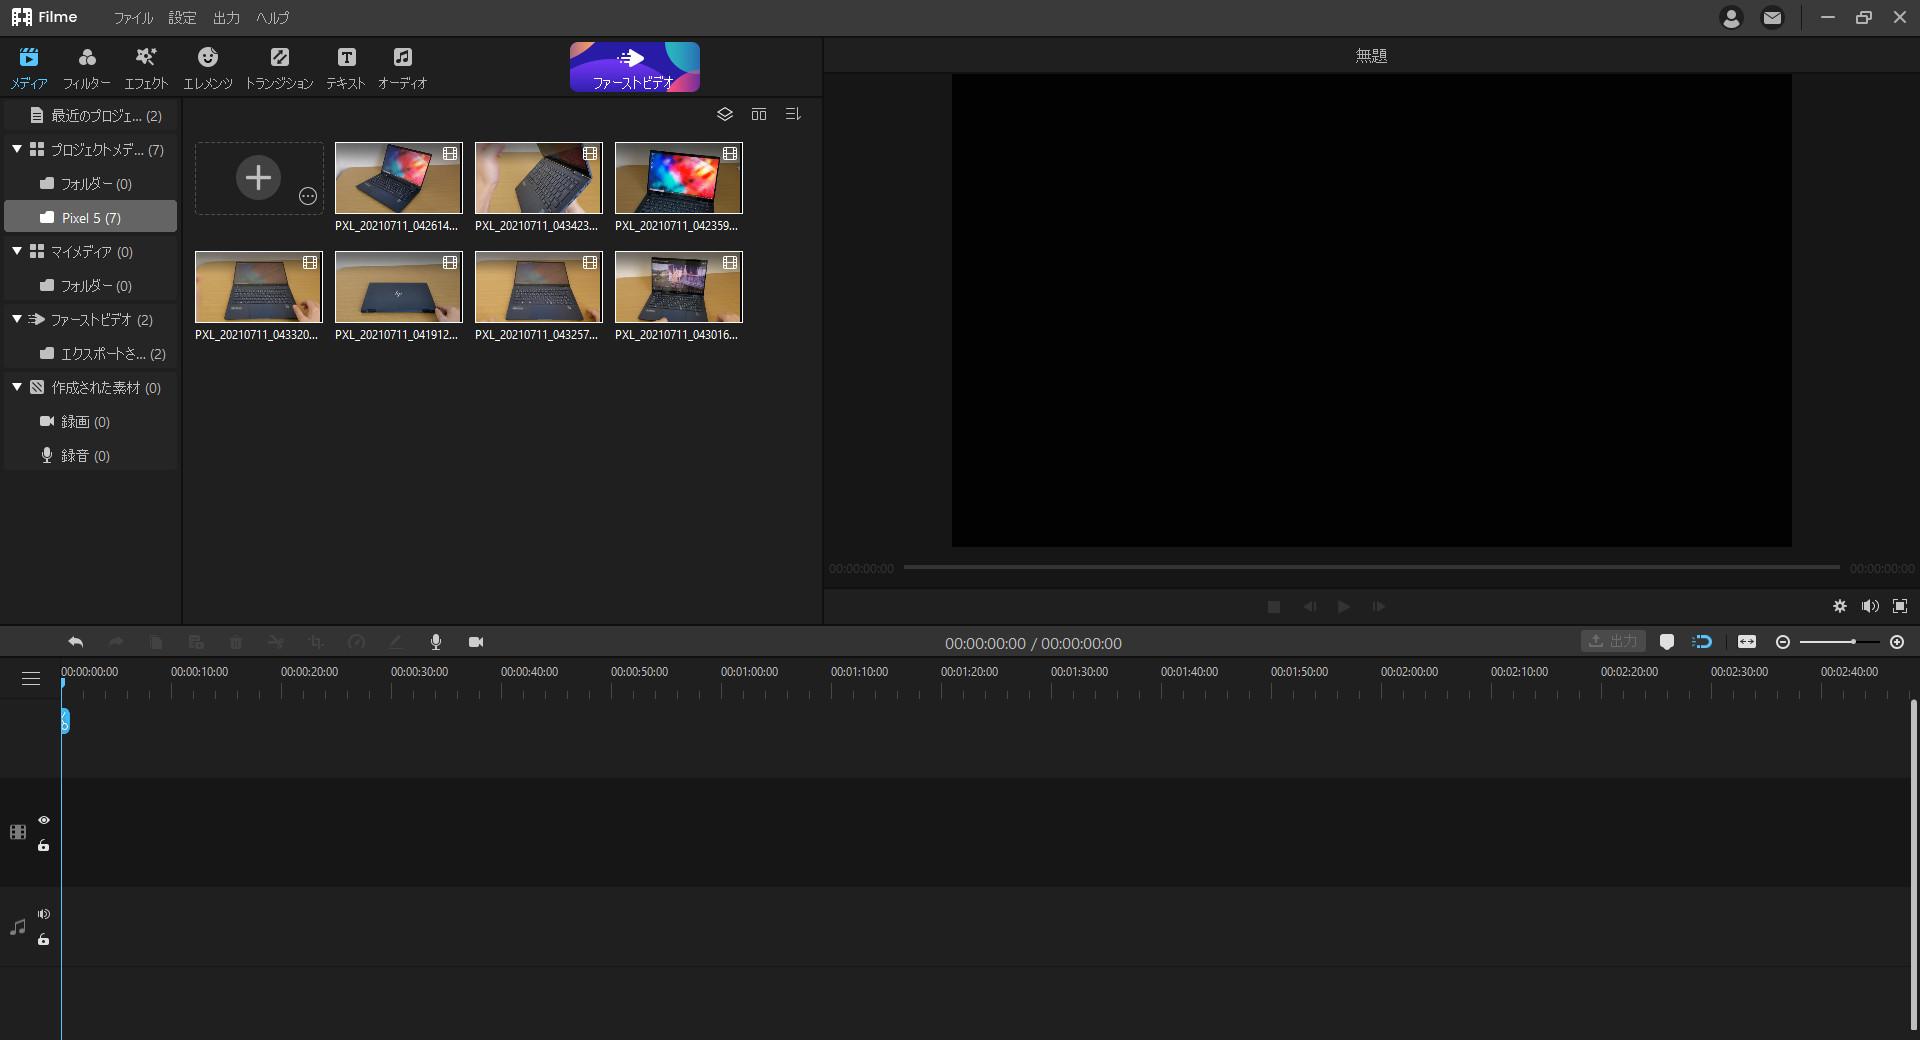 iMyFone Filmeビデオエディター スマホからのインポート